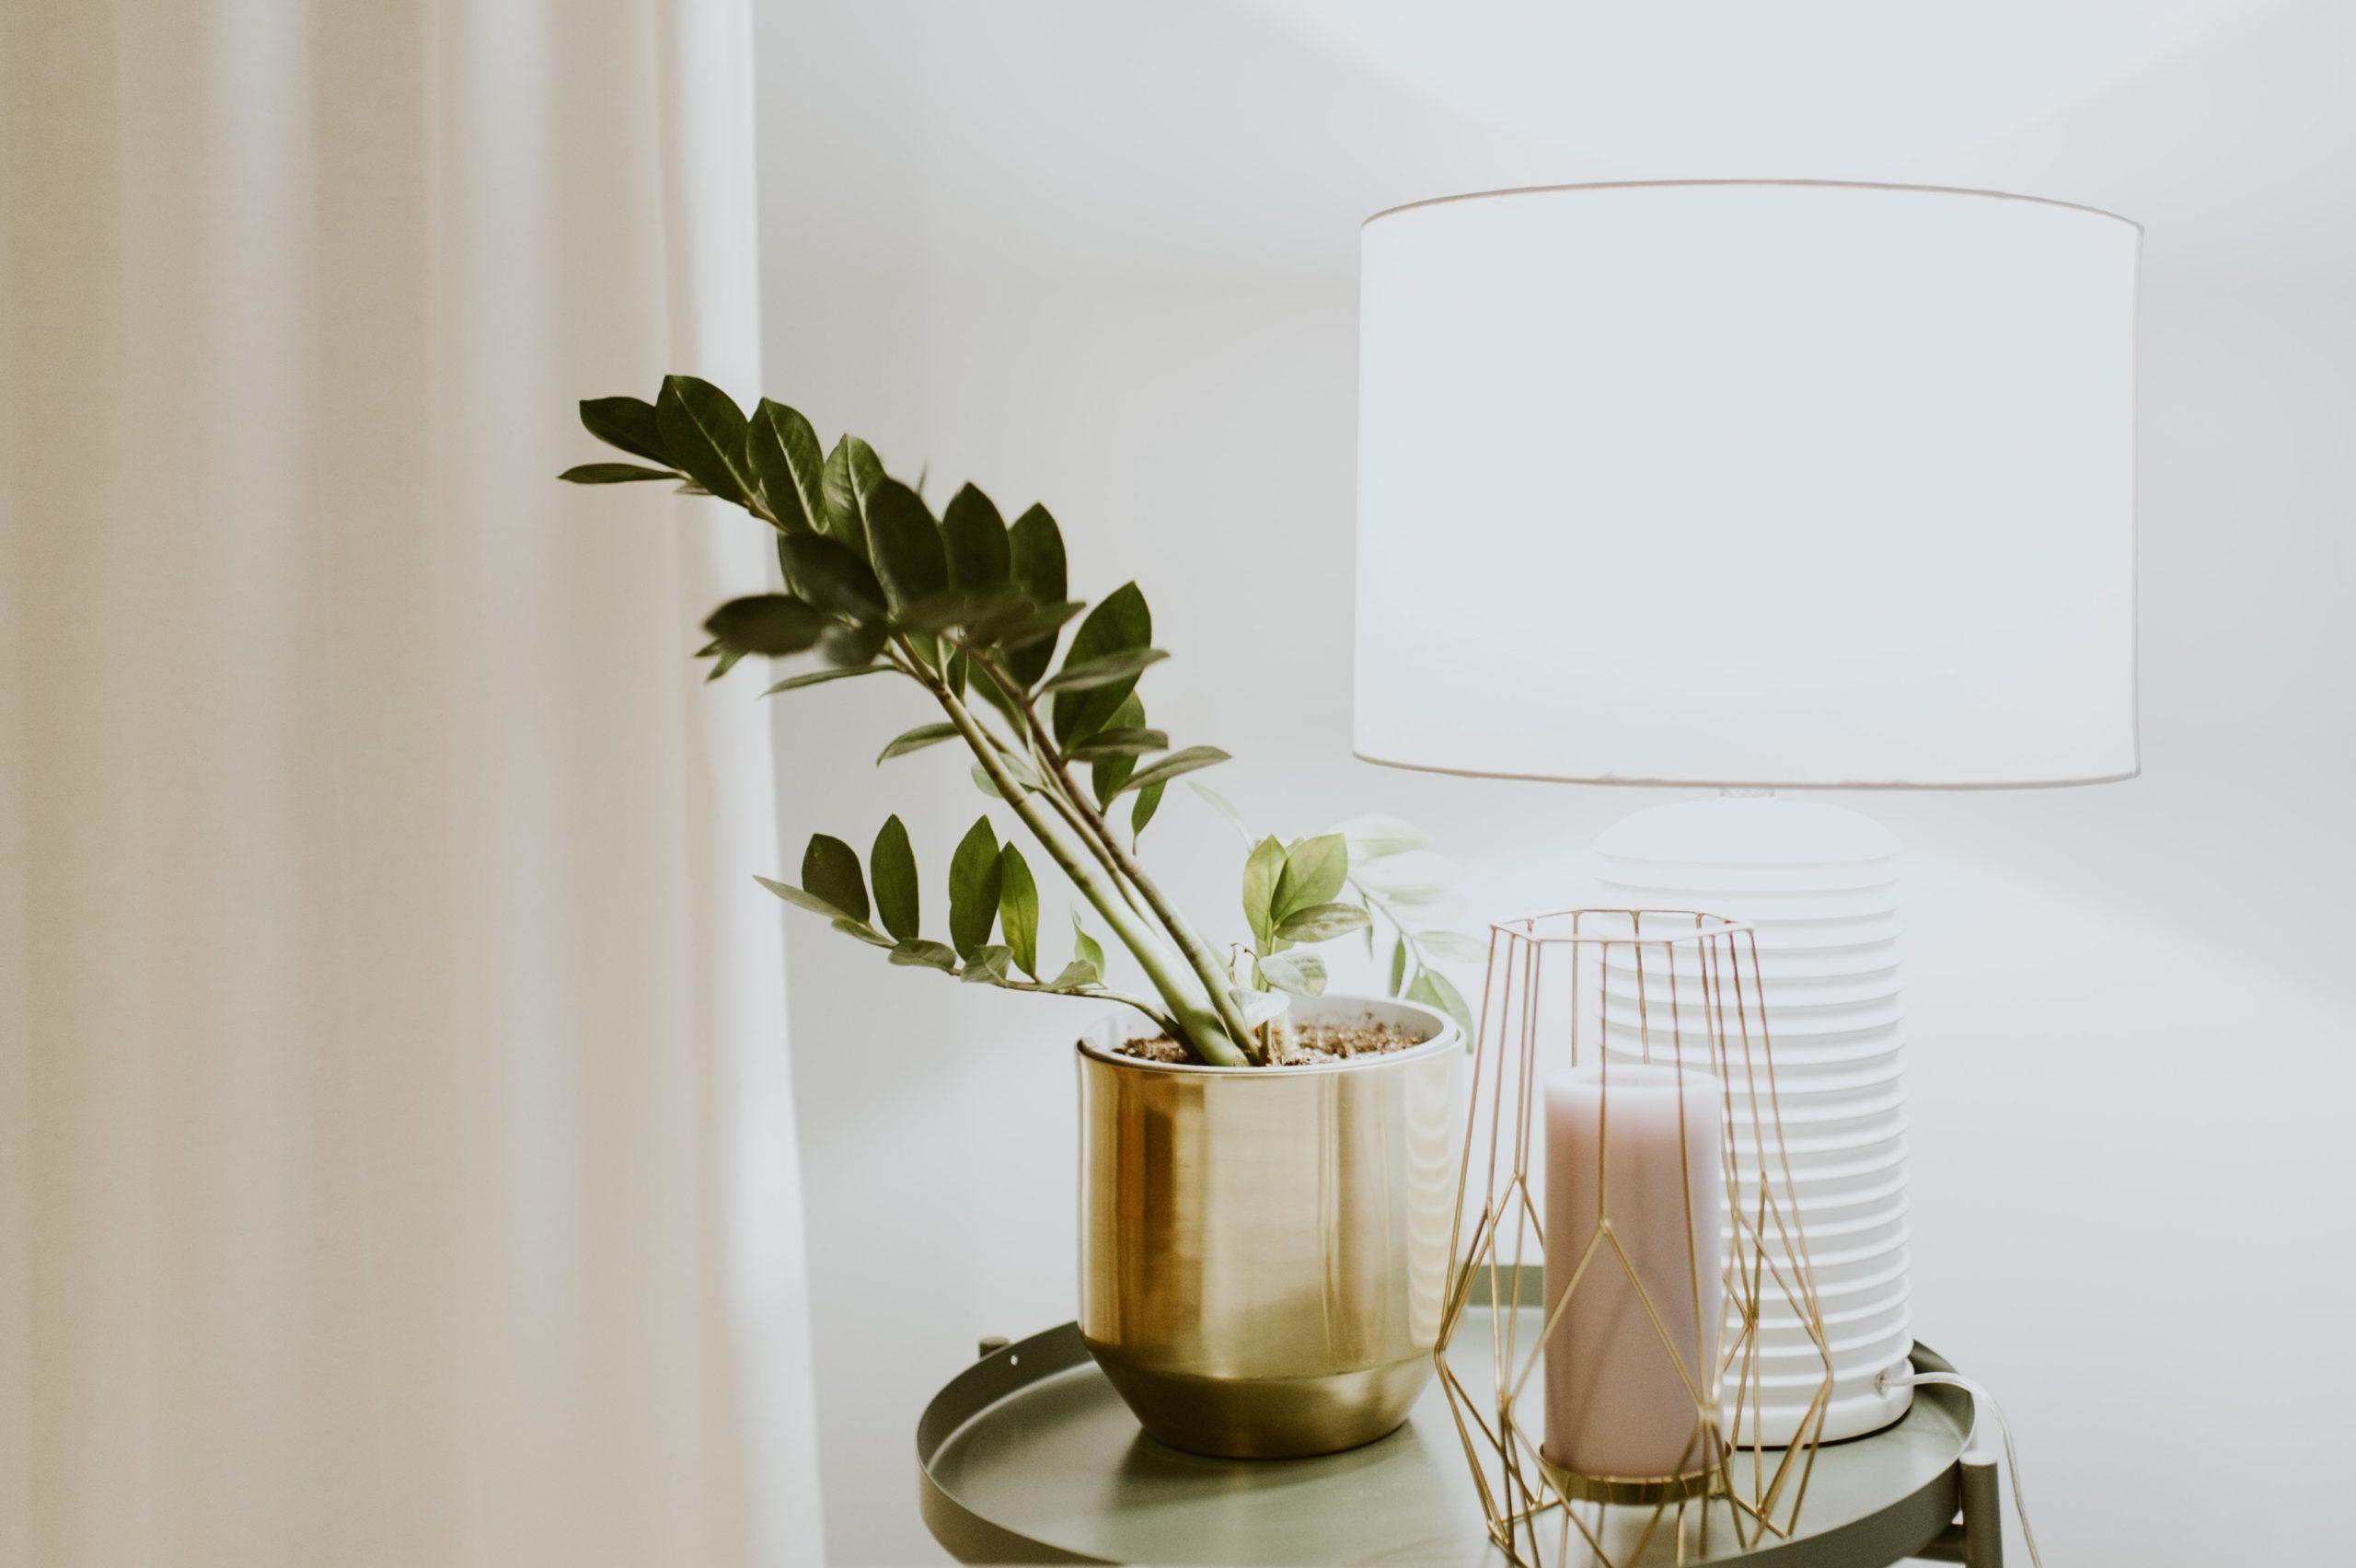 Lampade da tavolo: come sceglierle